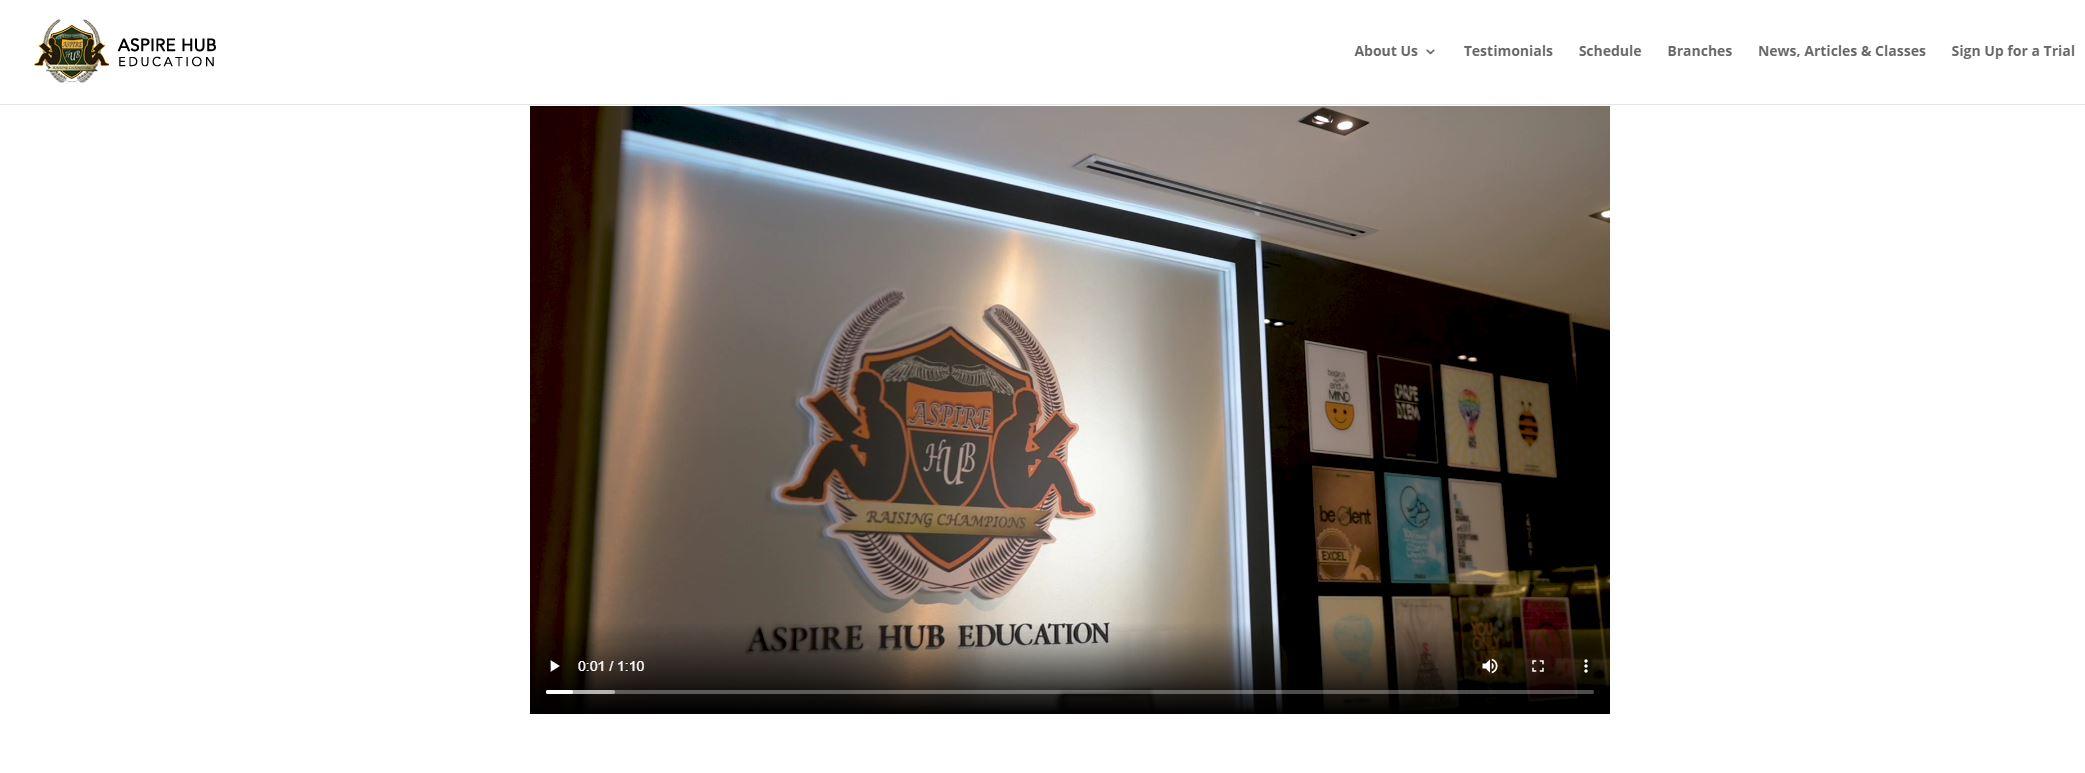 Aspire Hub Education JC Tuition